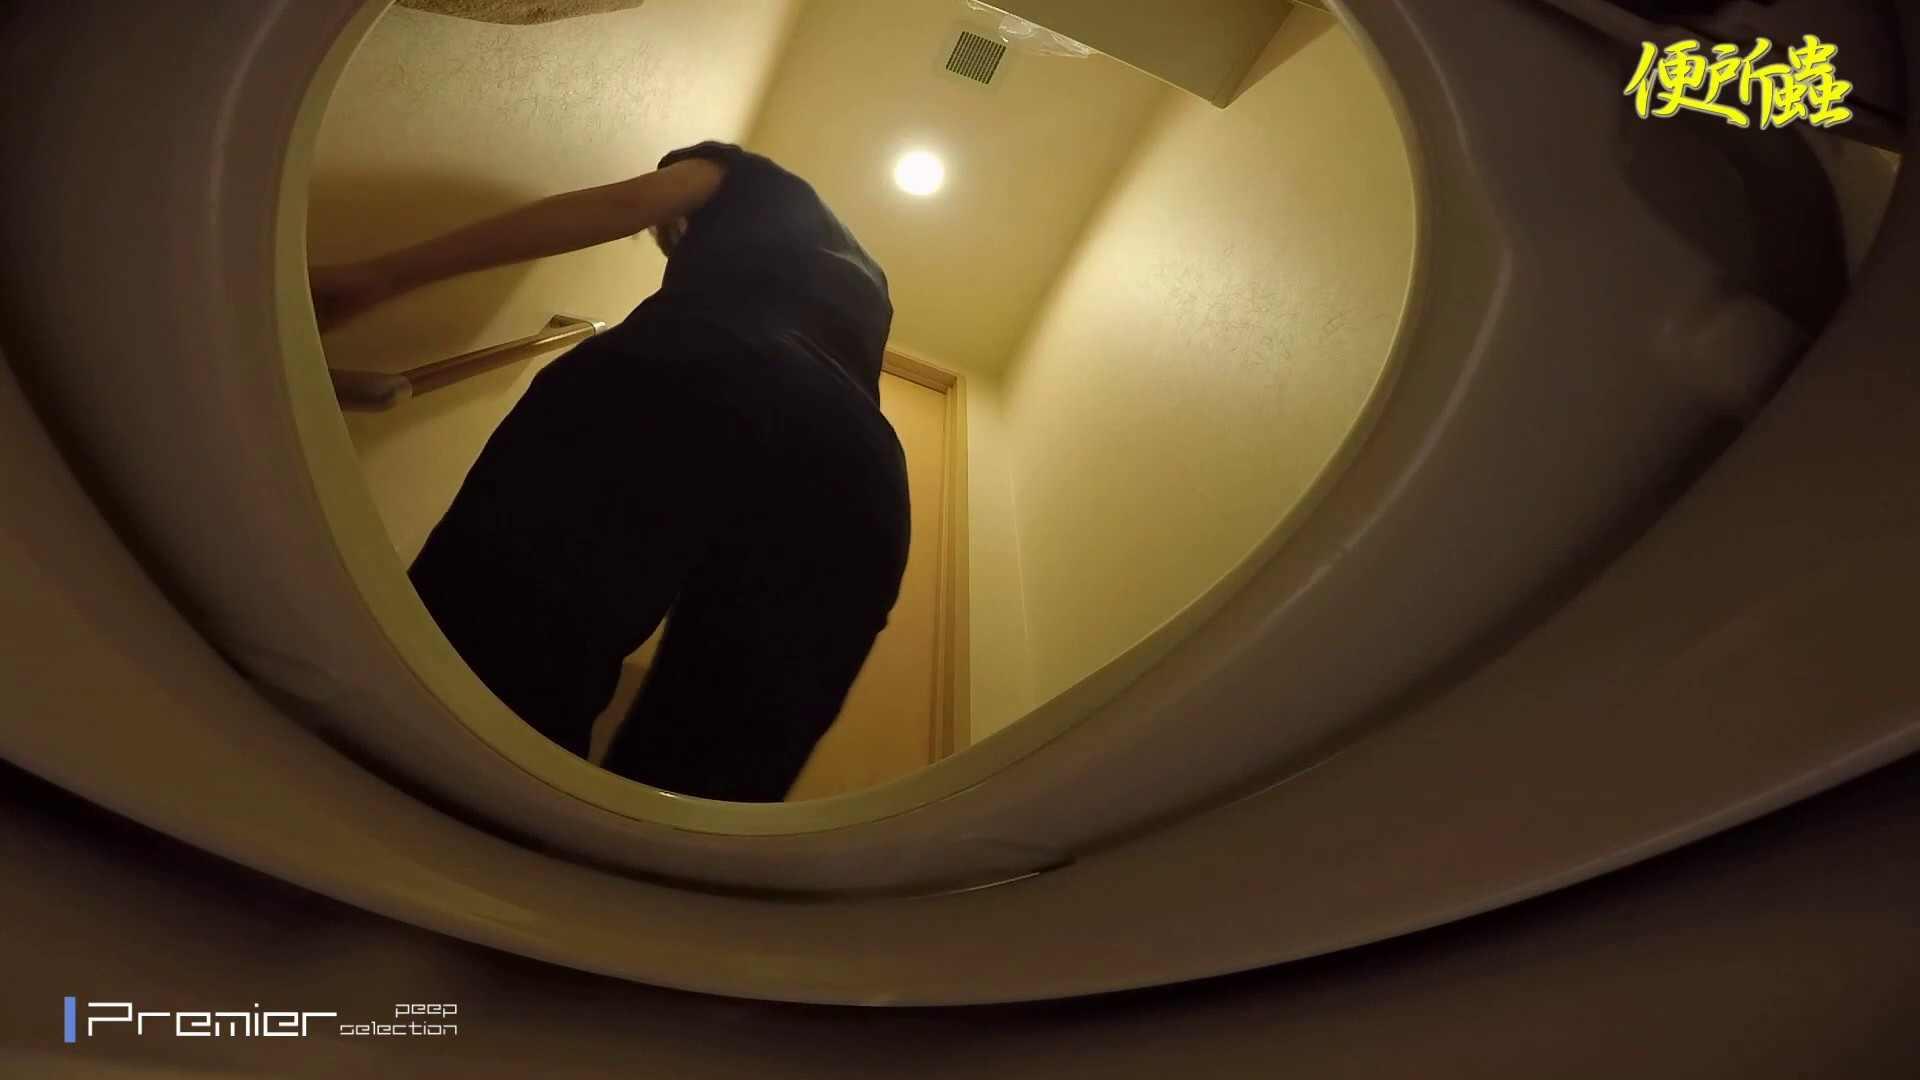 洗面所のBEN所蟲さんリターン vol.27 丸見え オマンコ無修正動画無料 94画像 93